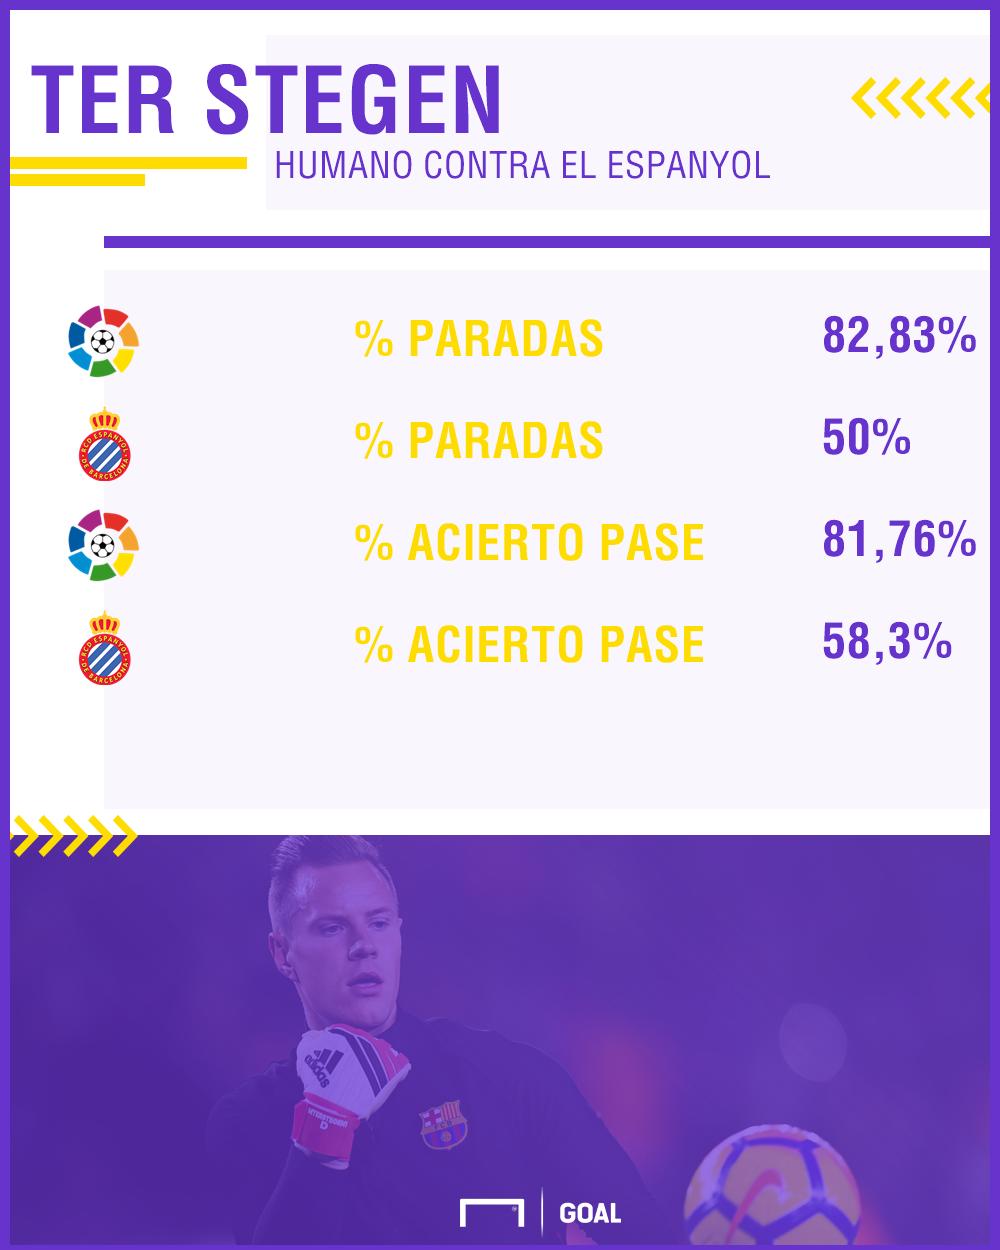 Ter Stegen humano contra el Espanyol